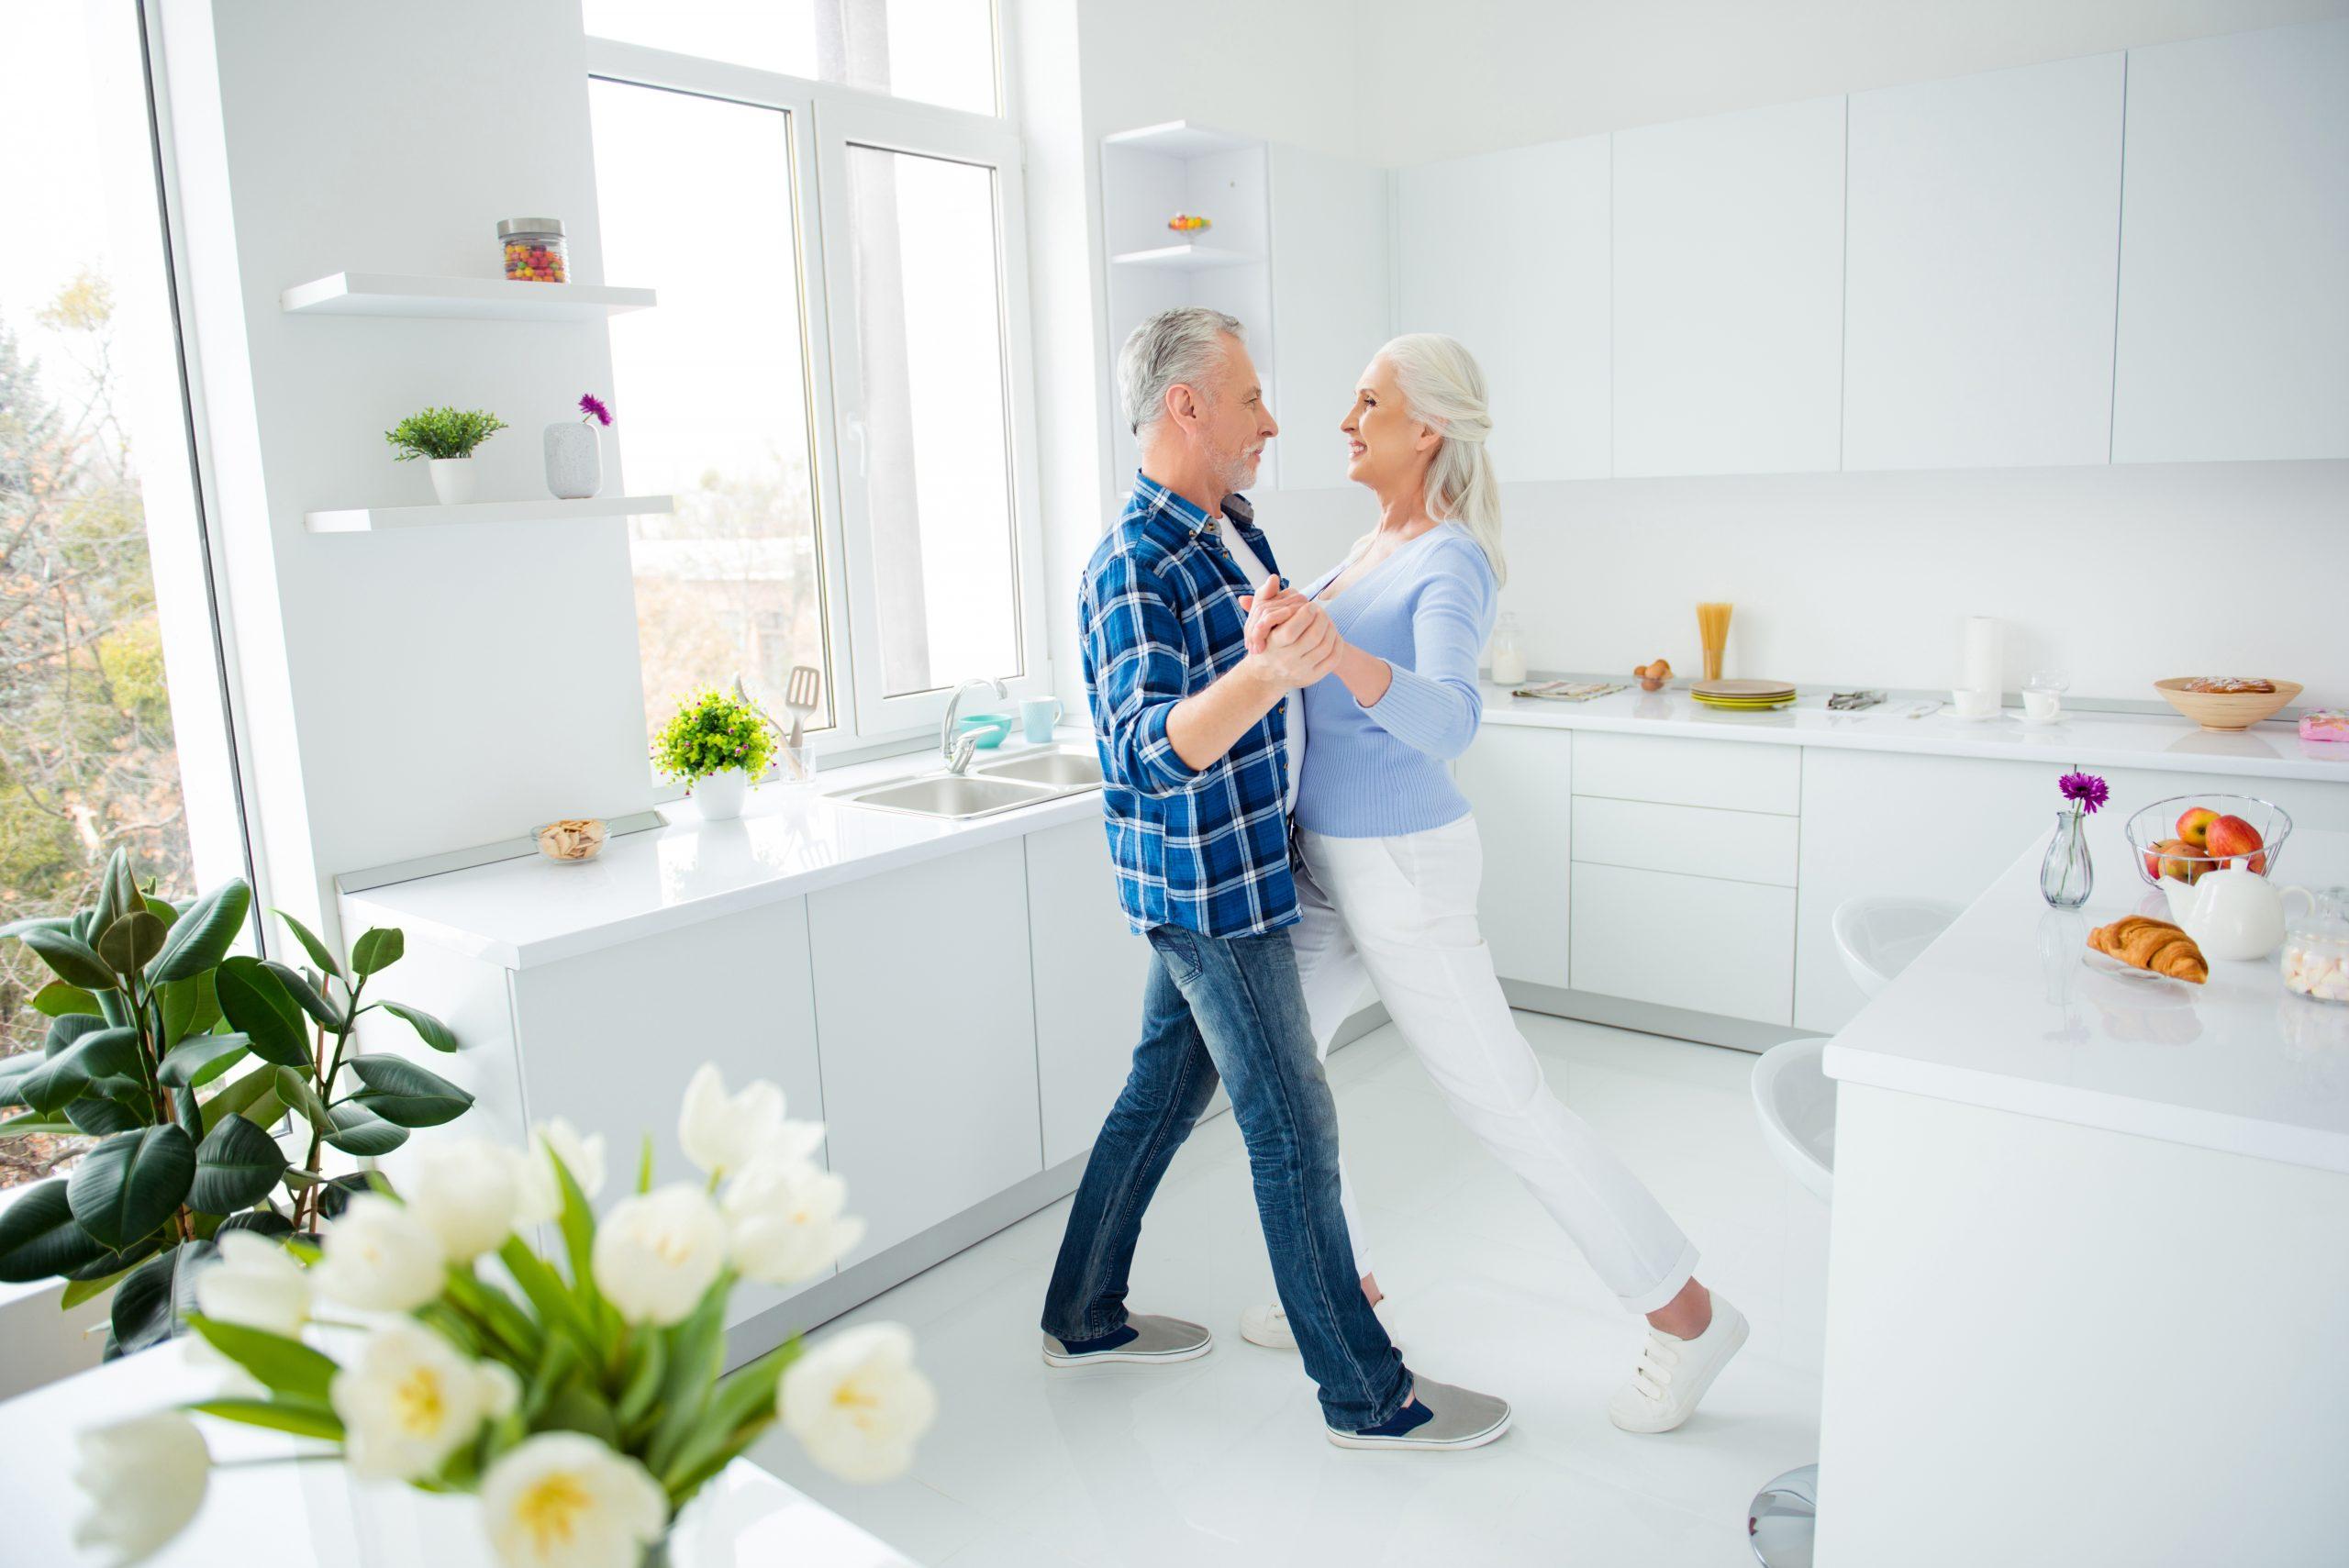 La fattibilità di esercizi domiciliari per potenziare i benefici del tango in persone con M. di Parkinson